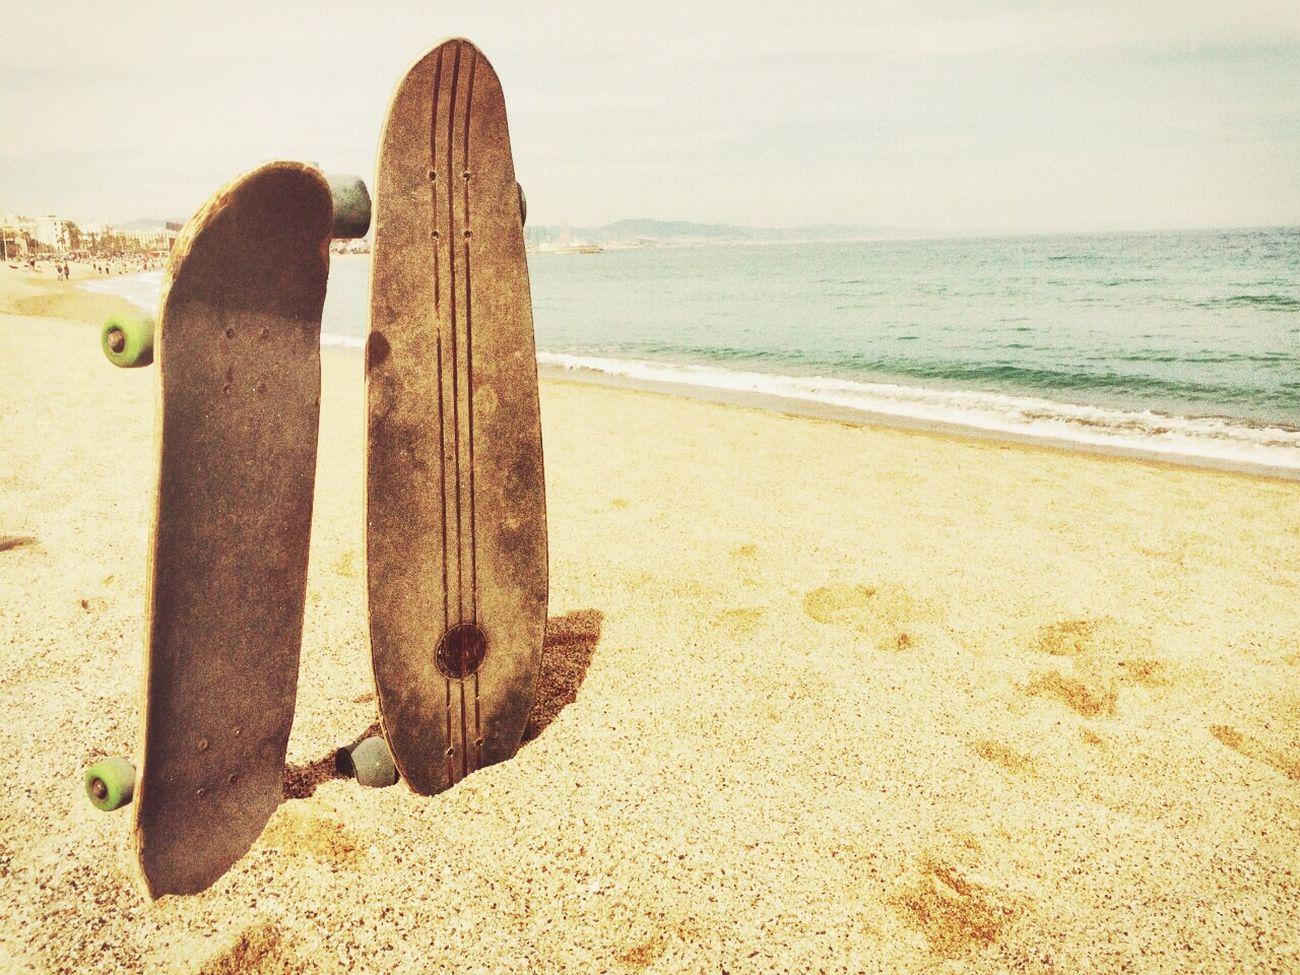 Compartir la vida y momentos inolvidables con seres queridos la hace mucho más especial Beach Barcelona Longboard Skate